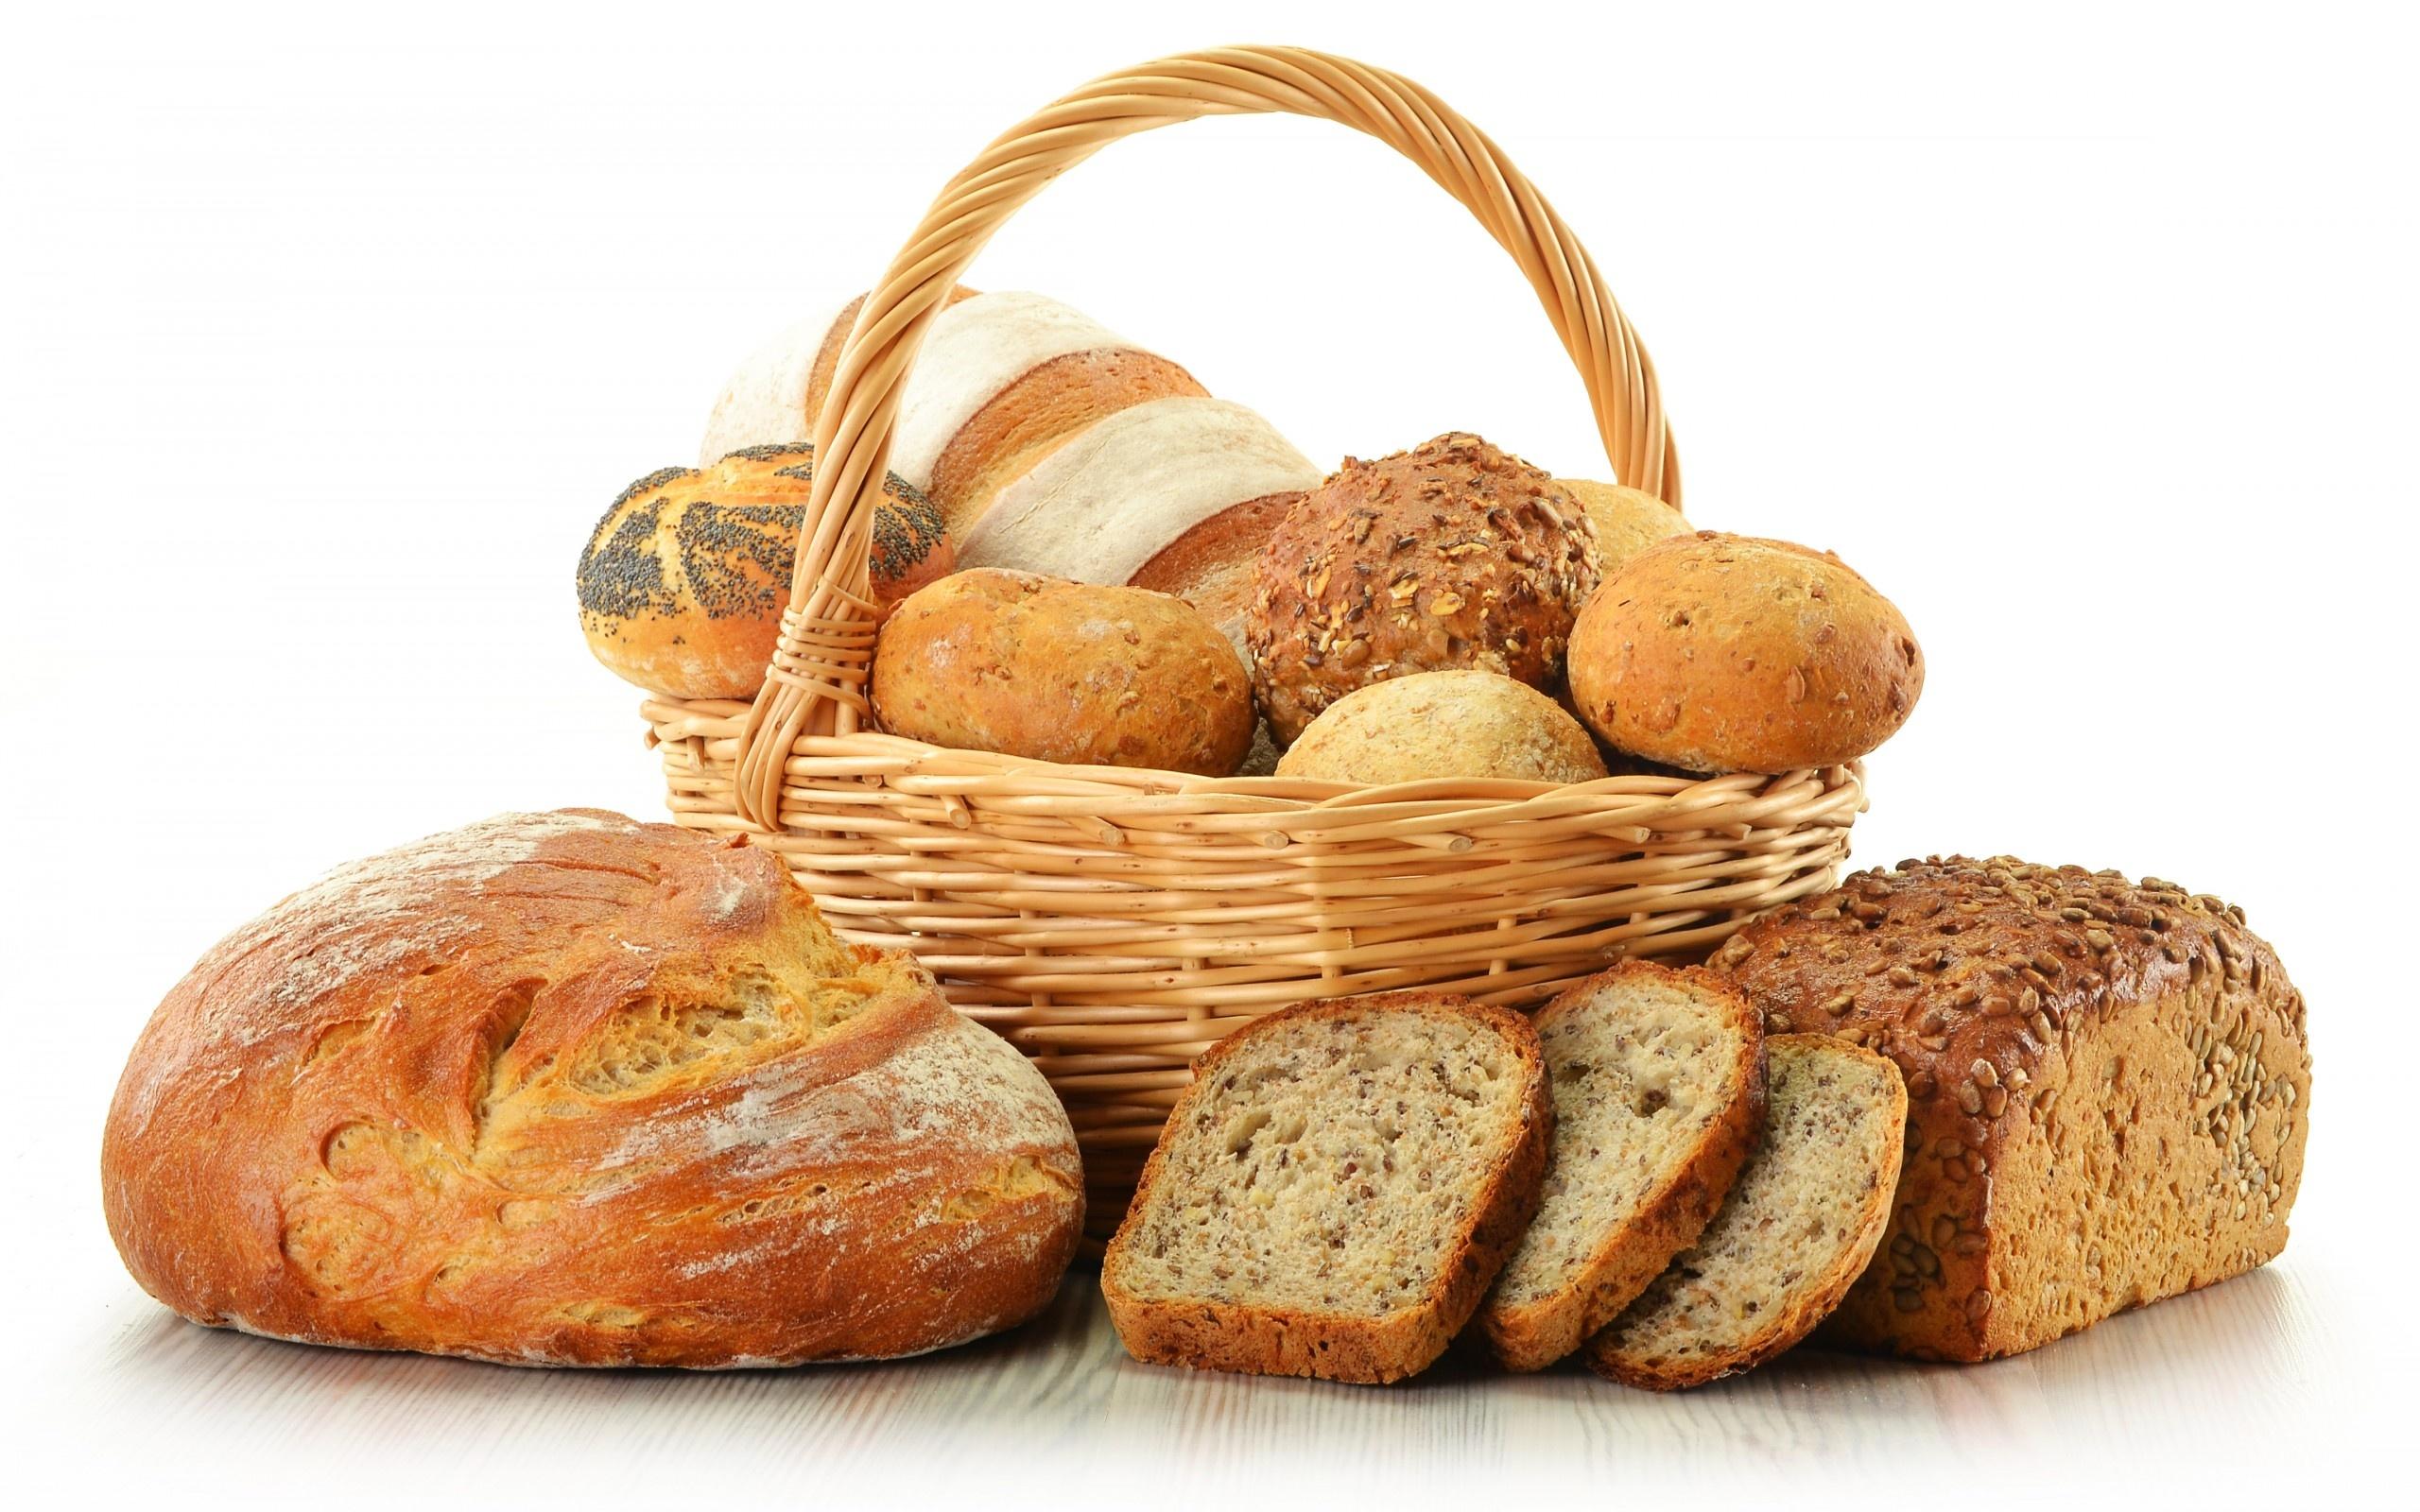 کاهش قیمت نان در شیراز و فارس